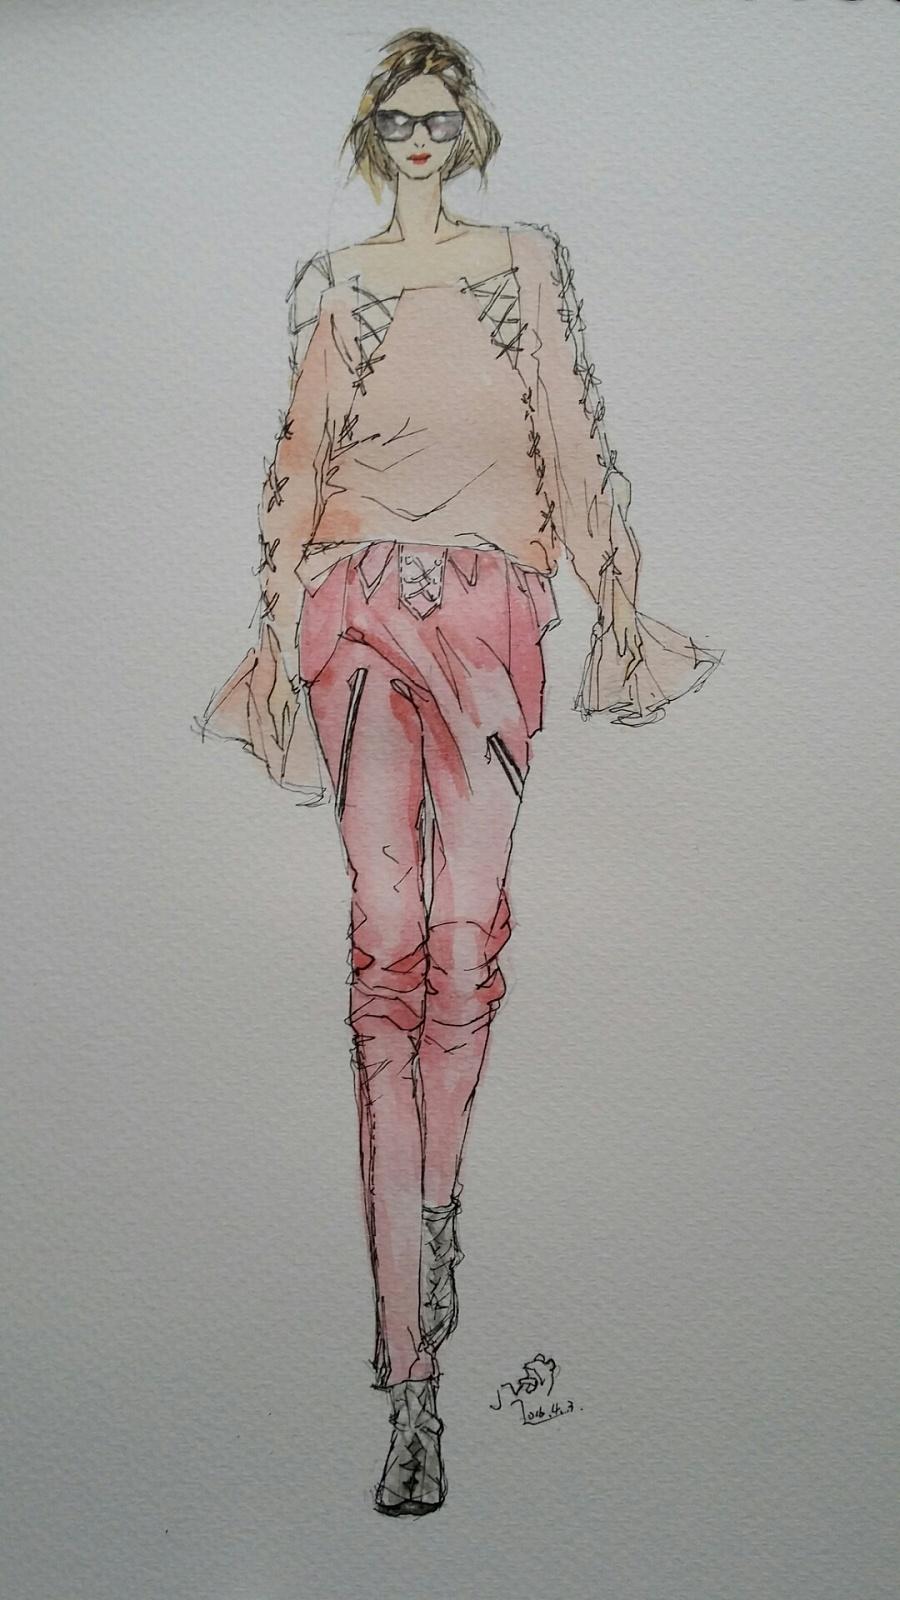 手绘时装插画(春季女装搭配)|休闲/流行服饰|服装|箐